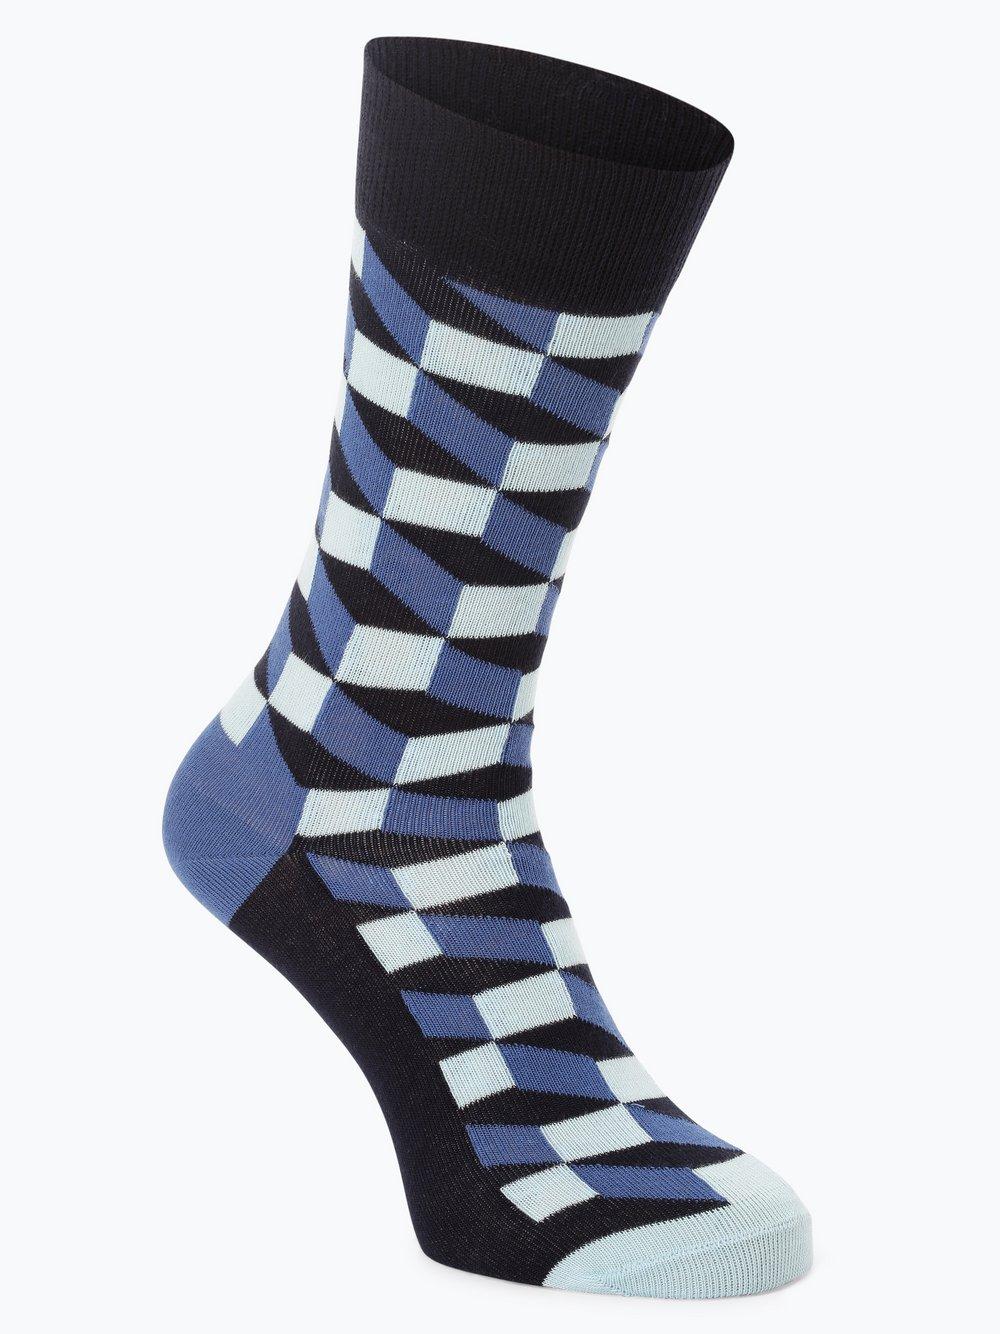 Muster 123*Bündchenmuster*Socken Mütze*Sneakers socken